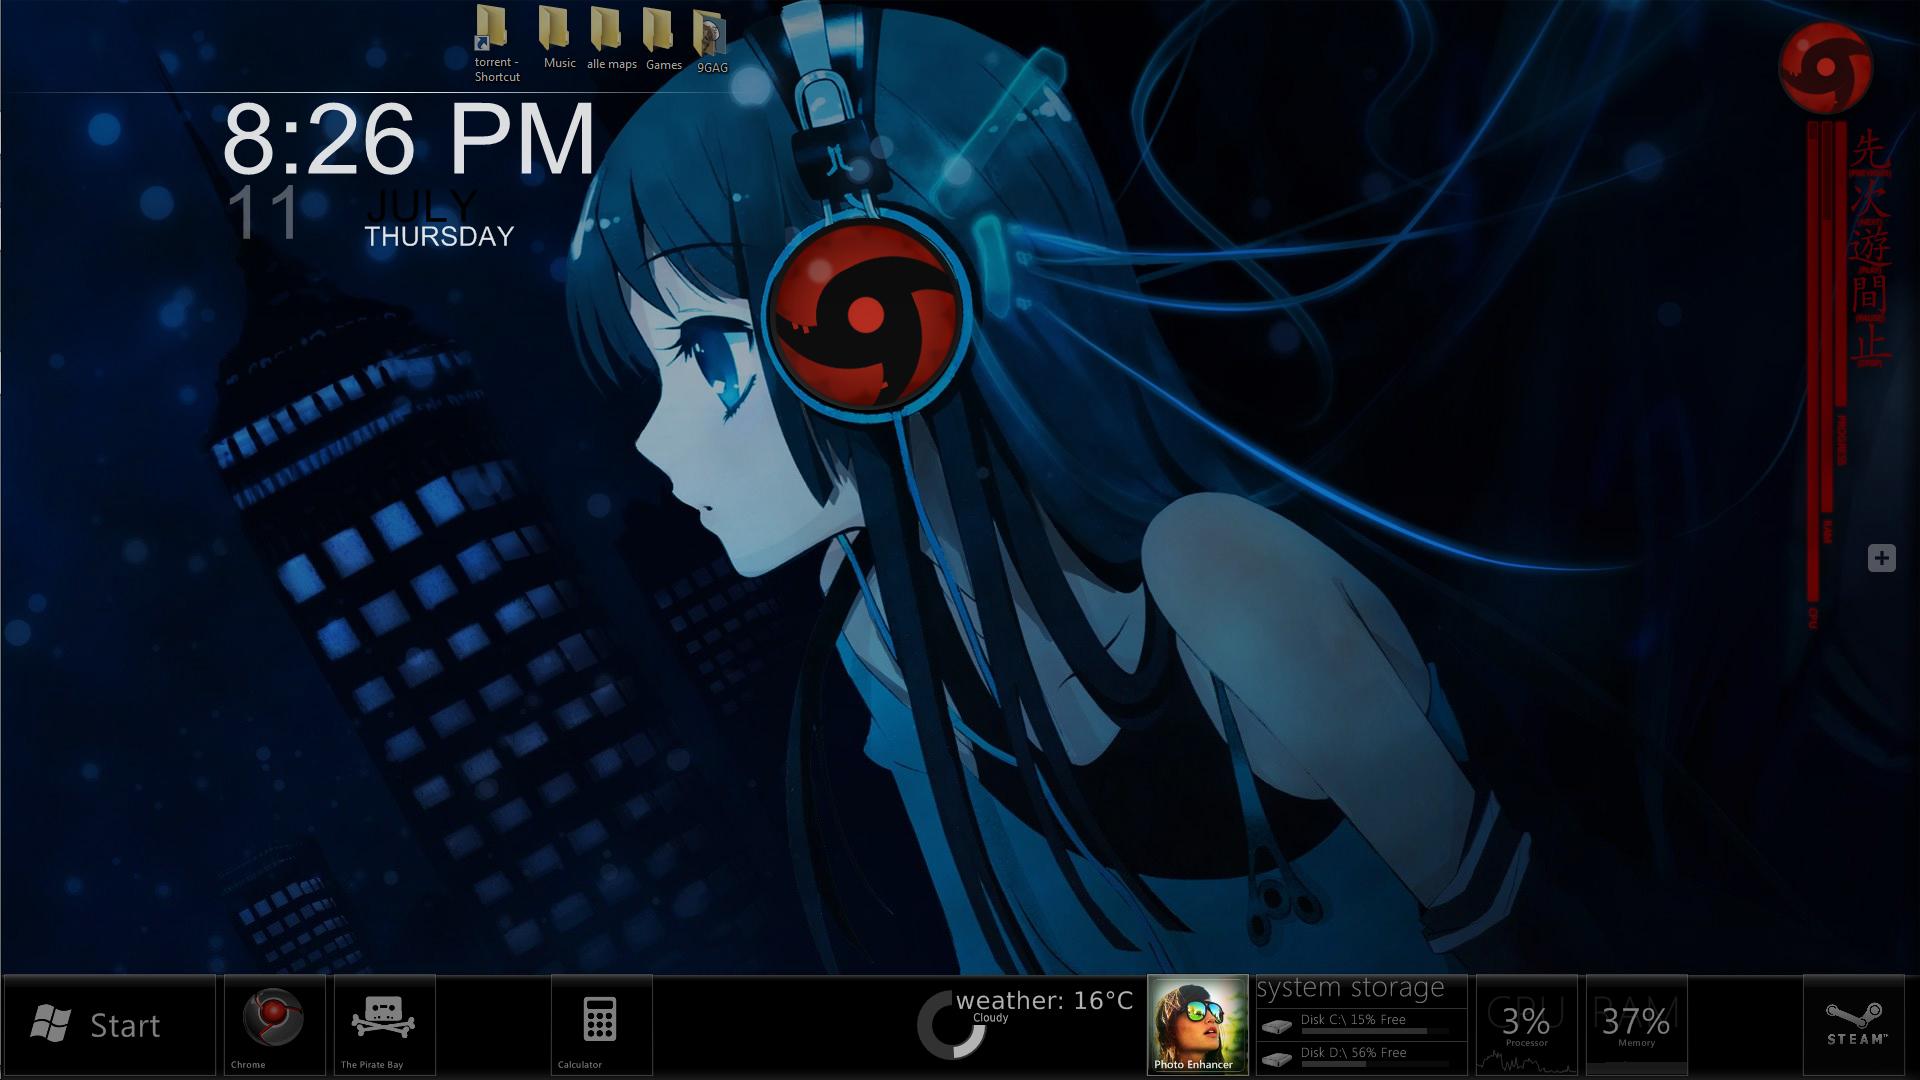 Gmail theme anime - Metropolis79 9 2 Rainmeter Anime Theme By Pixpox